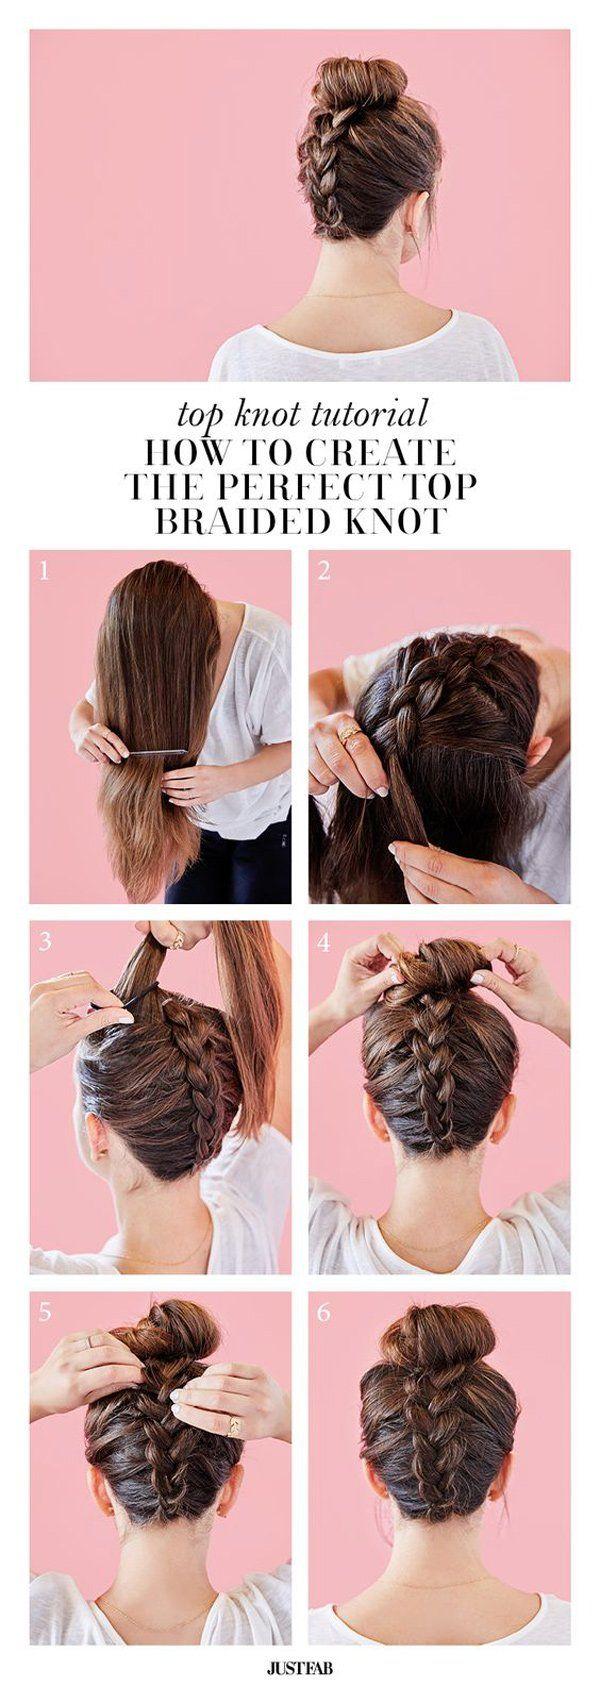 Los mejores tutoriales de trenzas en Pinterest: trenzas, hechas a sí mismas – heypretty.ch  – Peinados